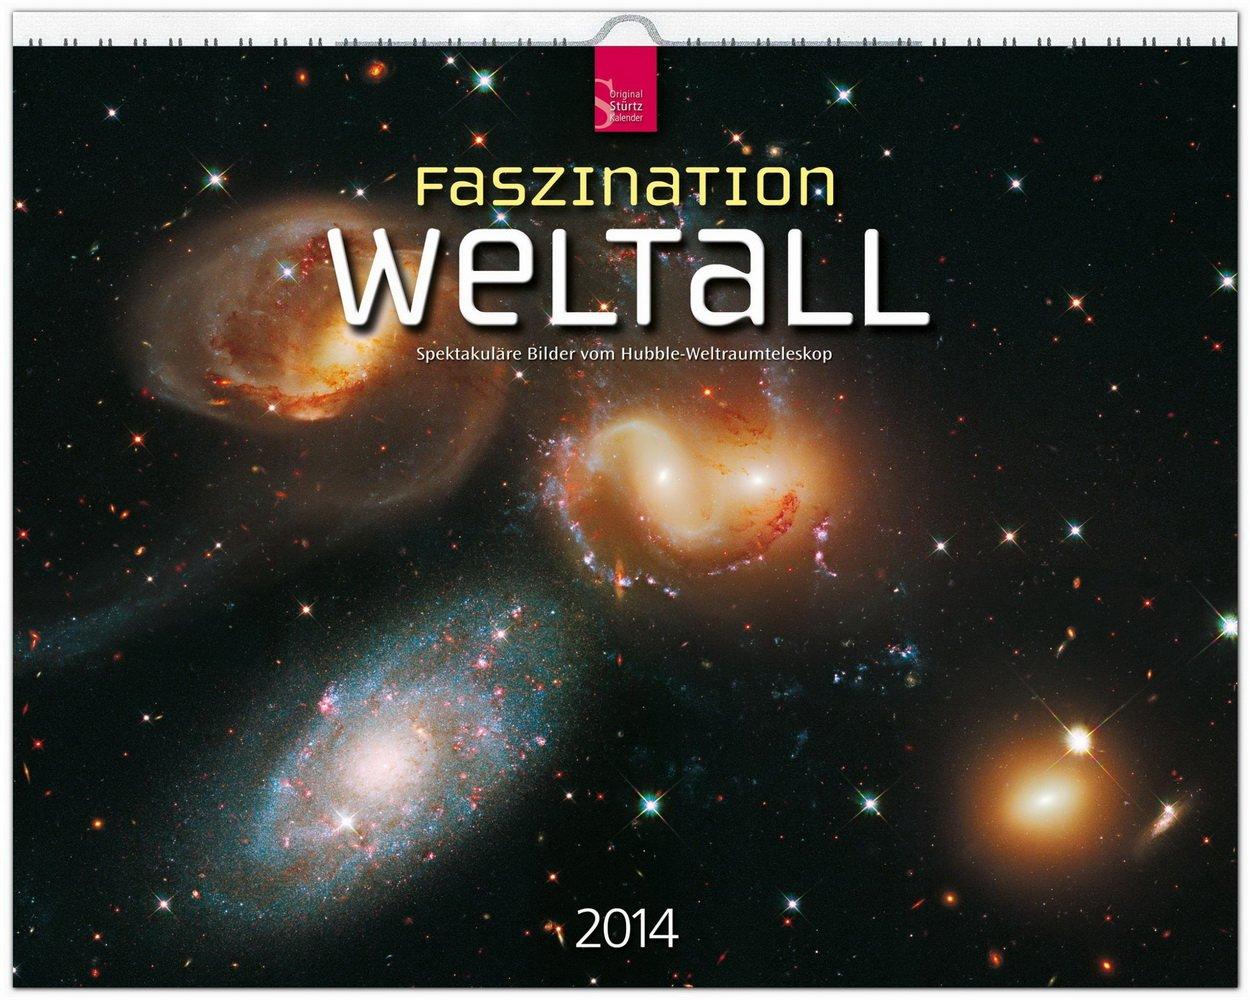 faszination-weltall-2014-spektakulre-bilder-vom-hubble-weltraumteleskop-original-strtz-kalender-grossformat-kalender-60-x-48-cm-spiralbindung